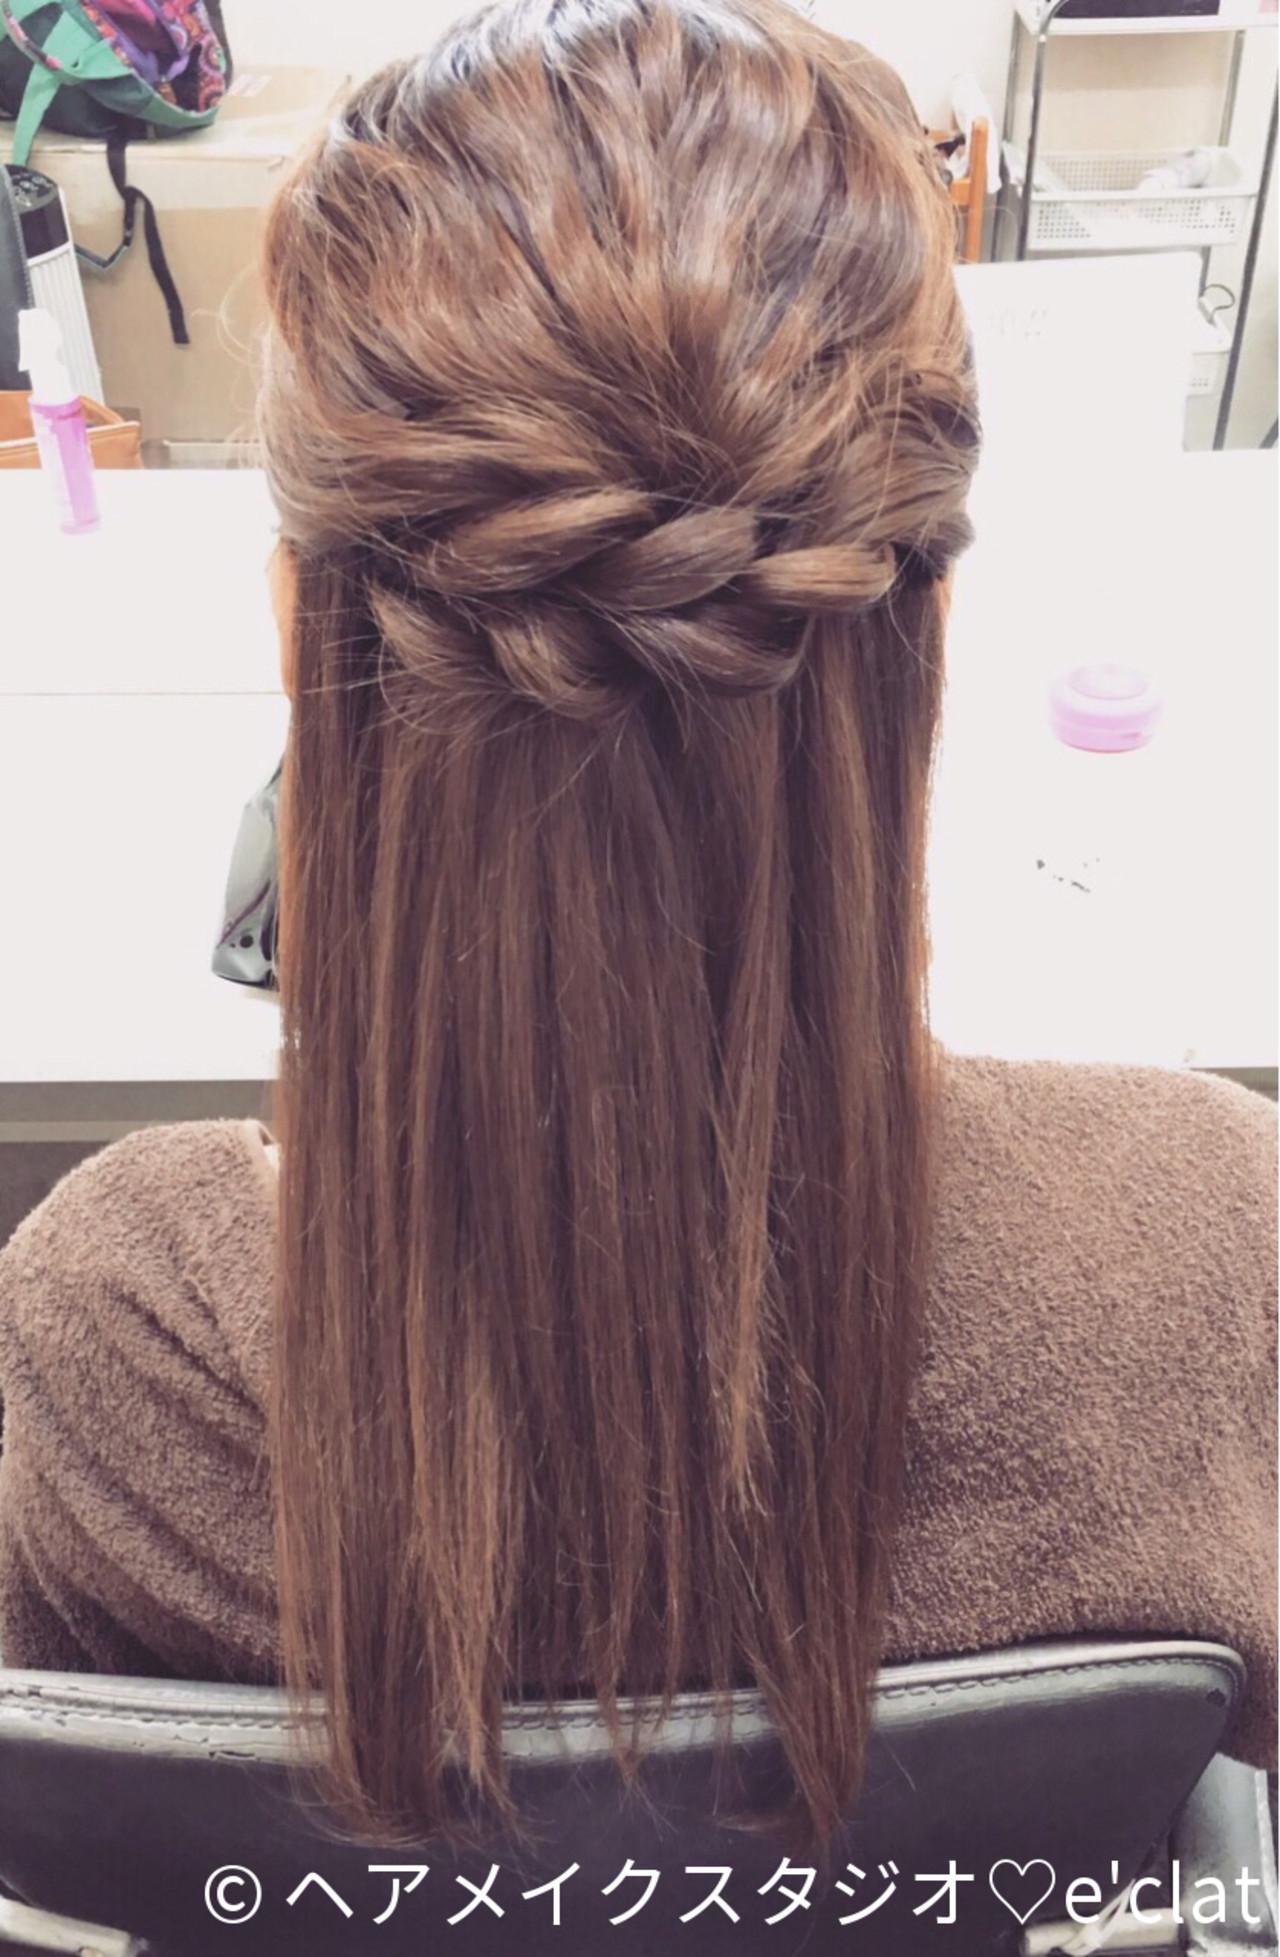 ショート ハーフアップ 梅雨 ロング ヘアスタイルや髪型の写真・画像 | ヘアメイクスタジオ♡e'clat / ヘアメイクスタジオ♡e'clat